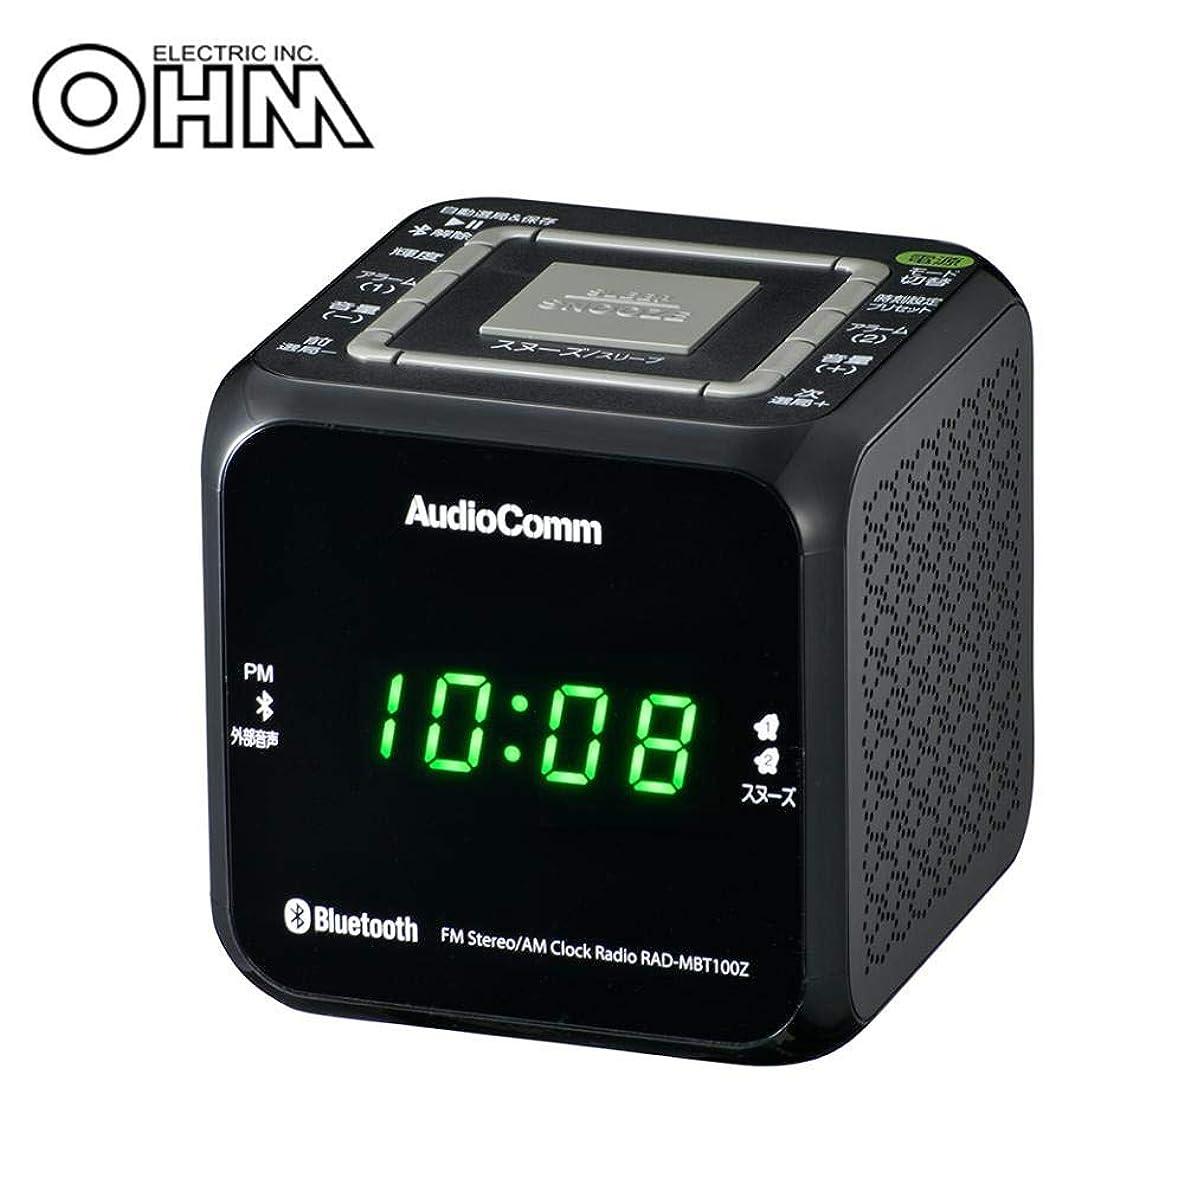 ミスバルブ既にキューブデザインのクロックラジオ。 OHM AudioComm Bluetooth クロックラジオ ブラック RAD-MBT100Z-K 〈簡易梱包